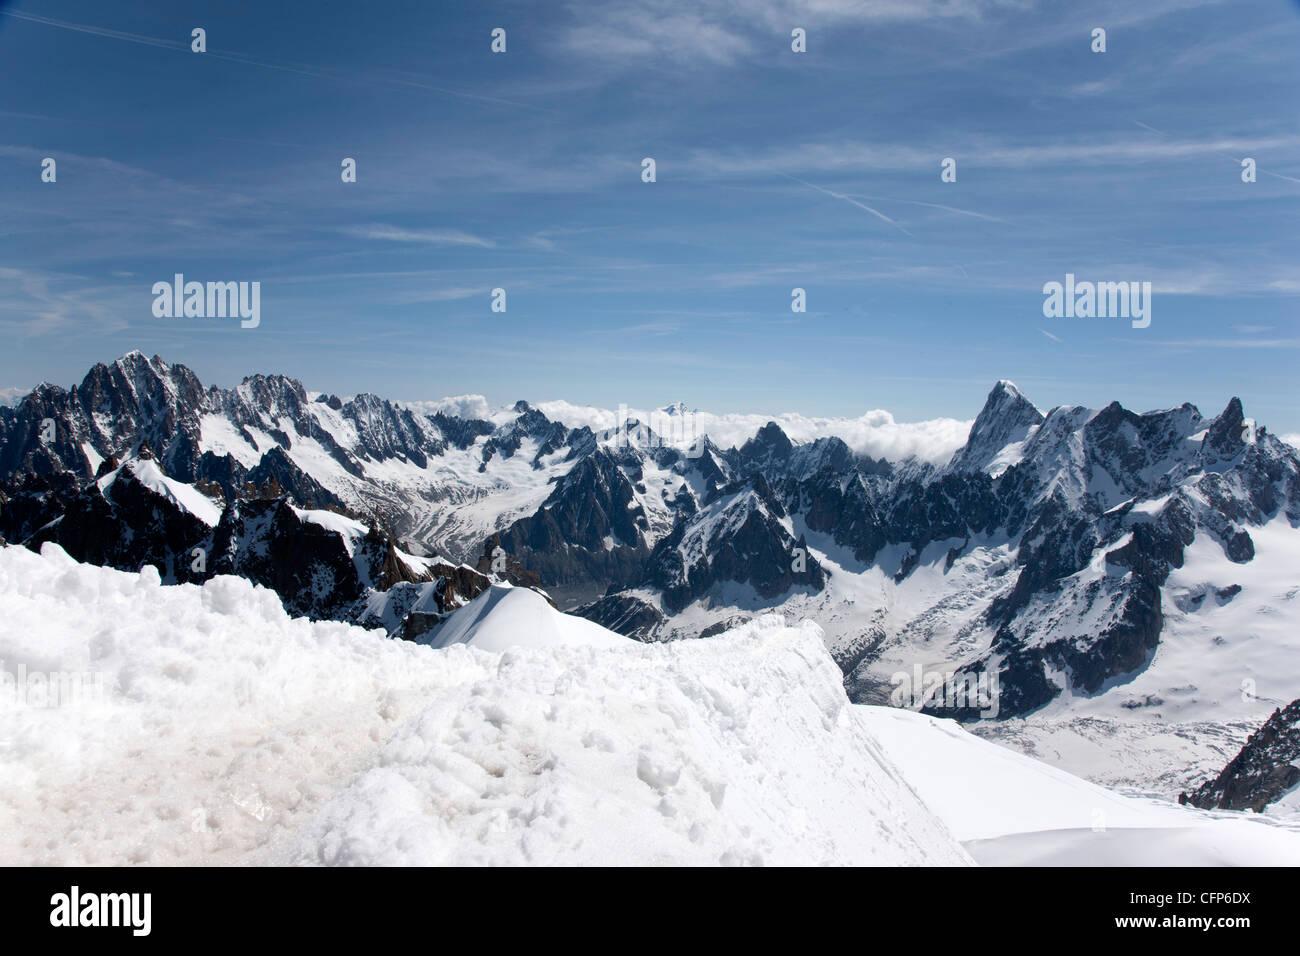 Aiguille du Midi, vue sur le Massif du Mont Blanc, Chamonix, Haute Savoie, Alpes, France, Europe Banque D'Images